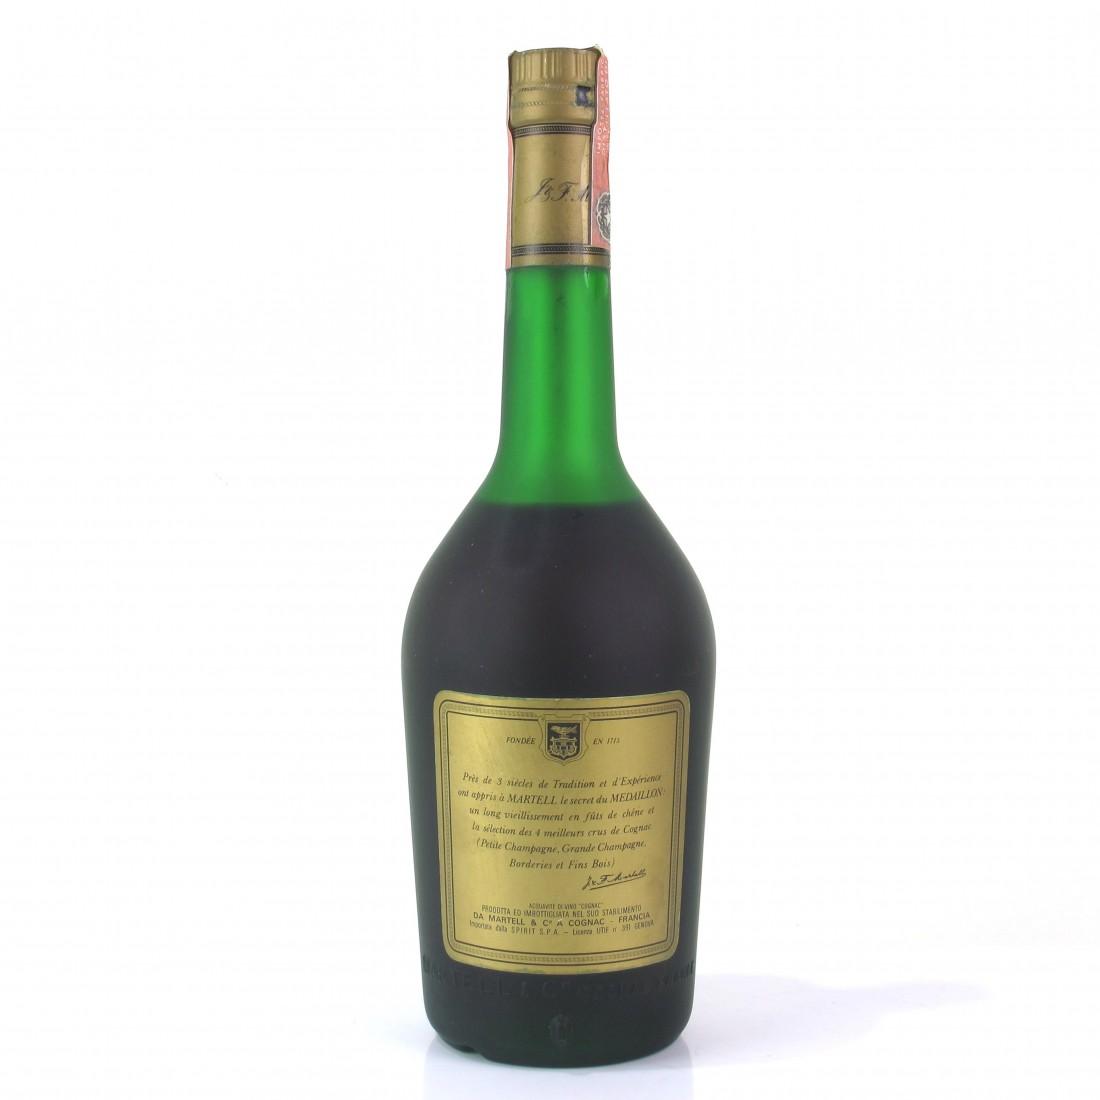 Martell Medaillon VSOP Cognac 1970s